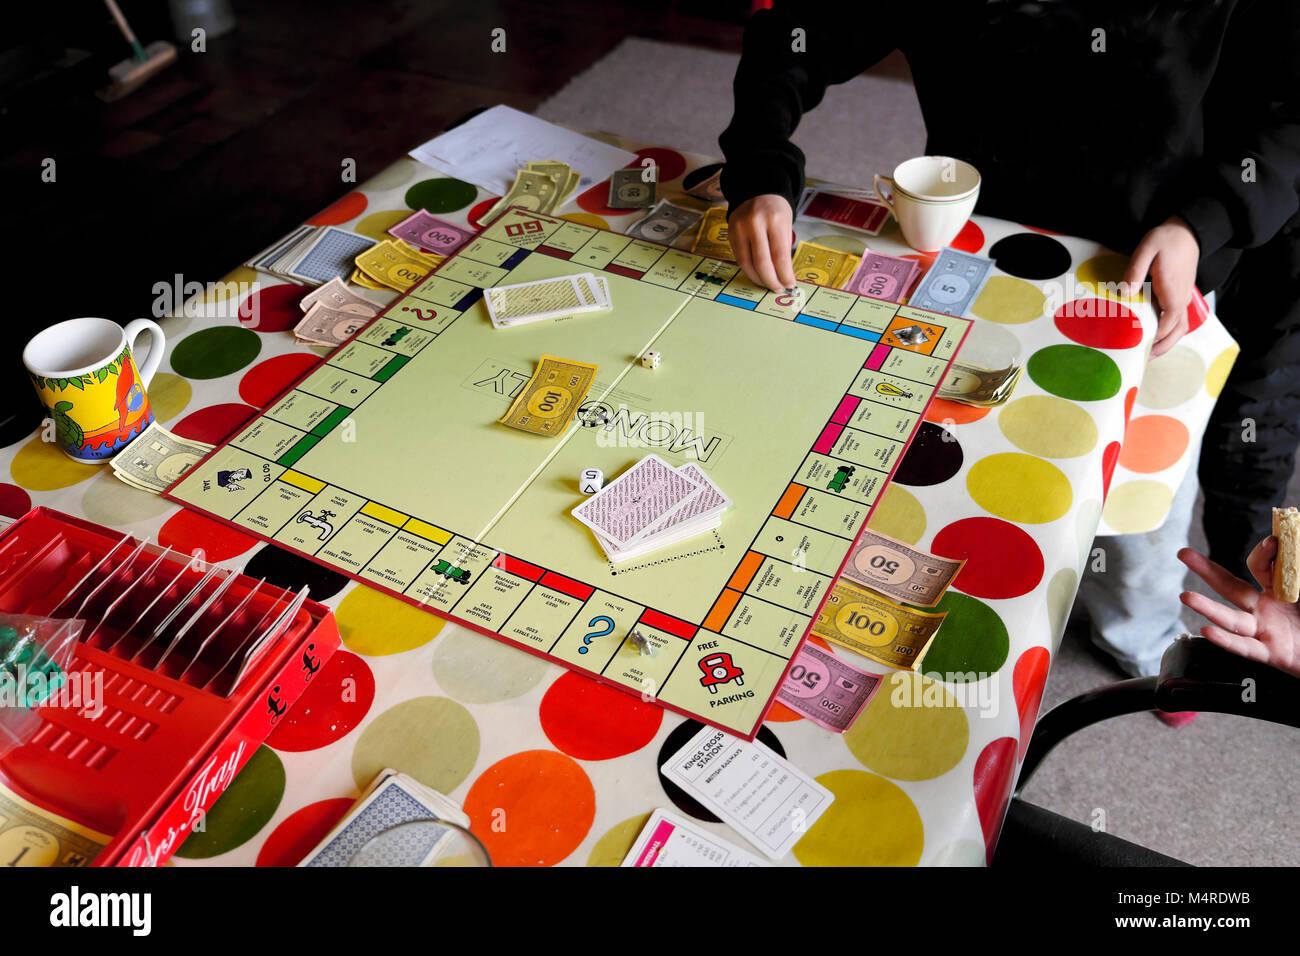 Jeu de Monopoly joué par les enfants dans une maison d'amis sur une table avec nappe colorée à mi-terme dans Carmarthenshire Wales UK Banque D'Images